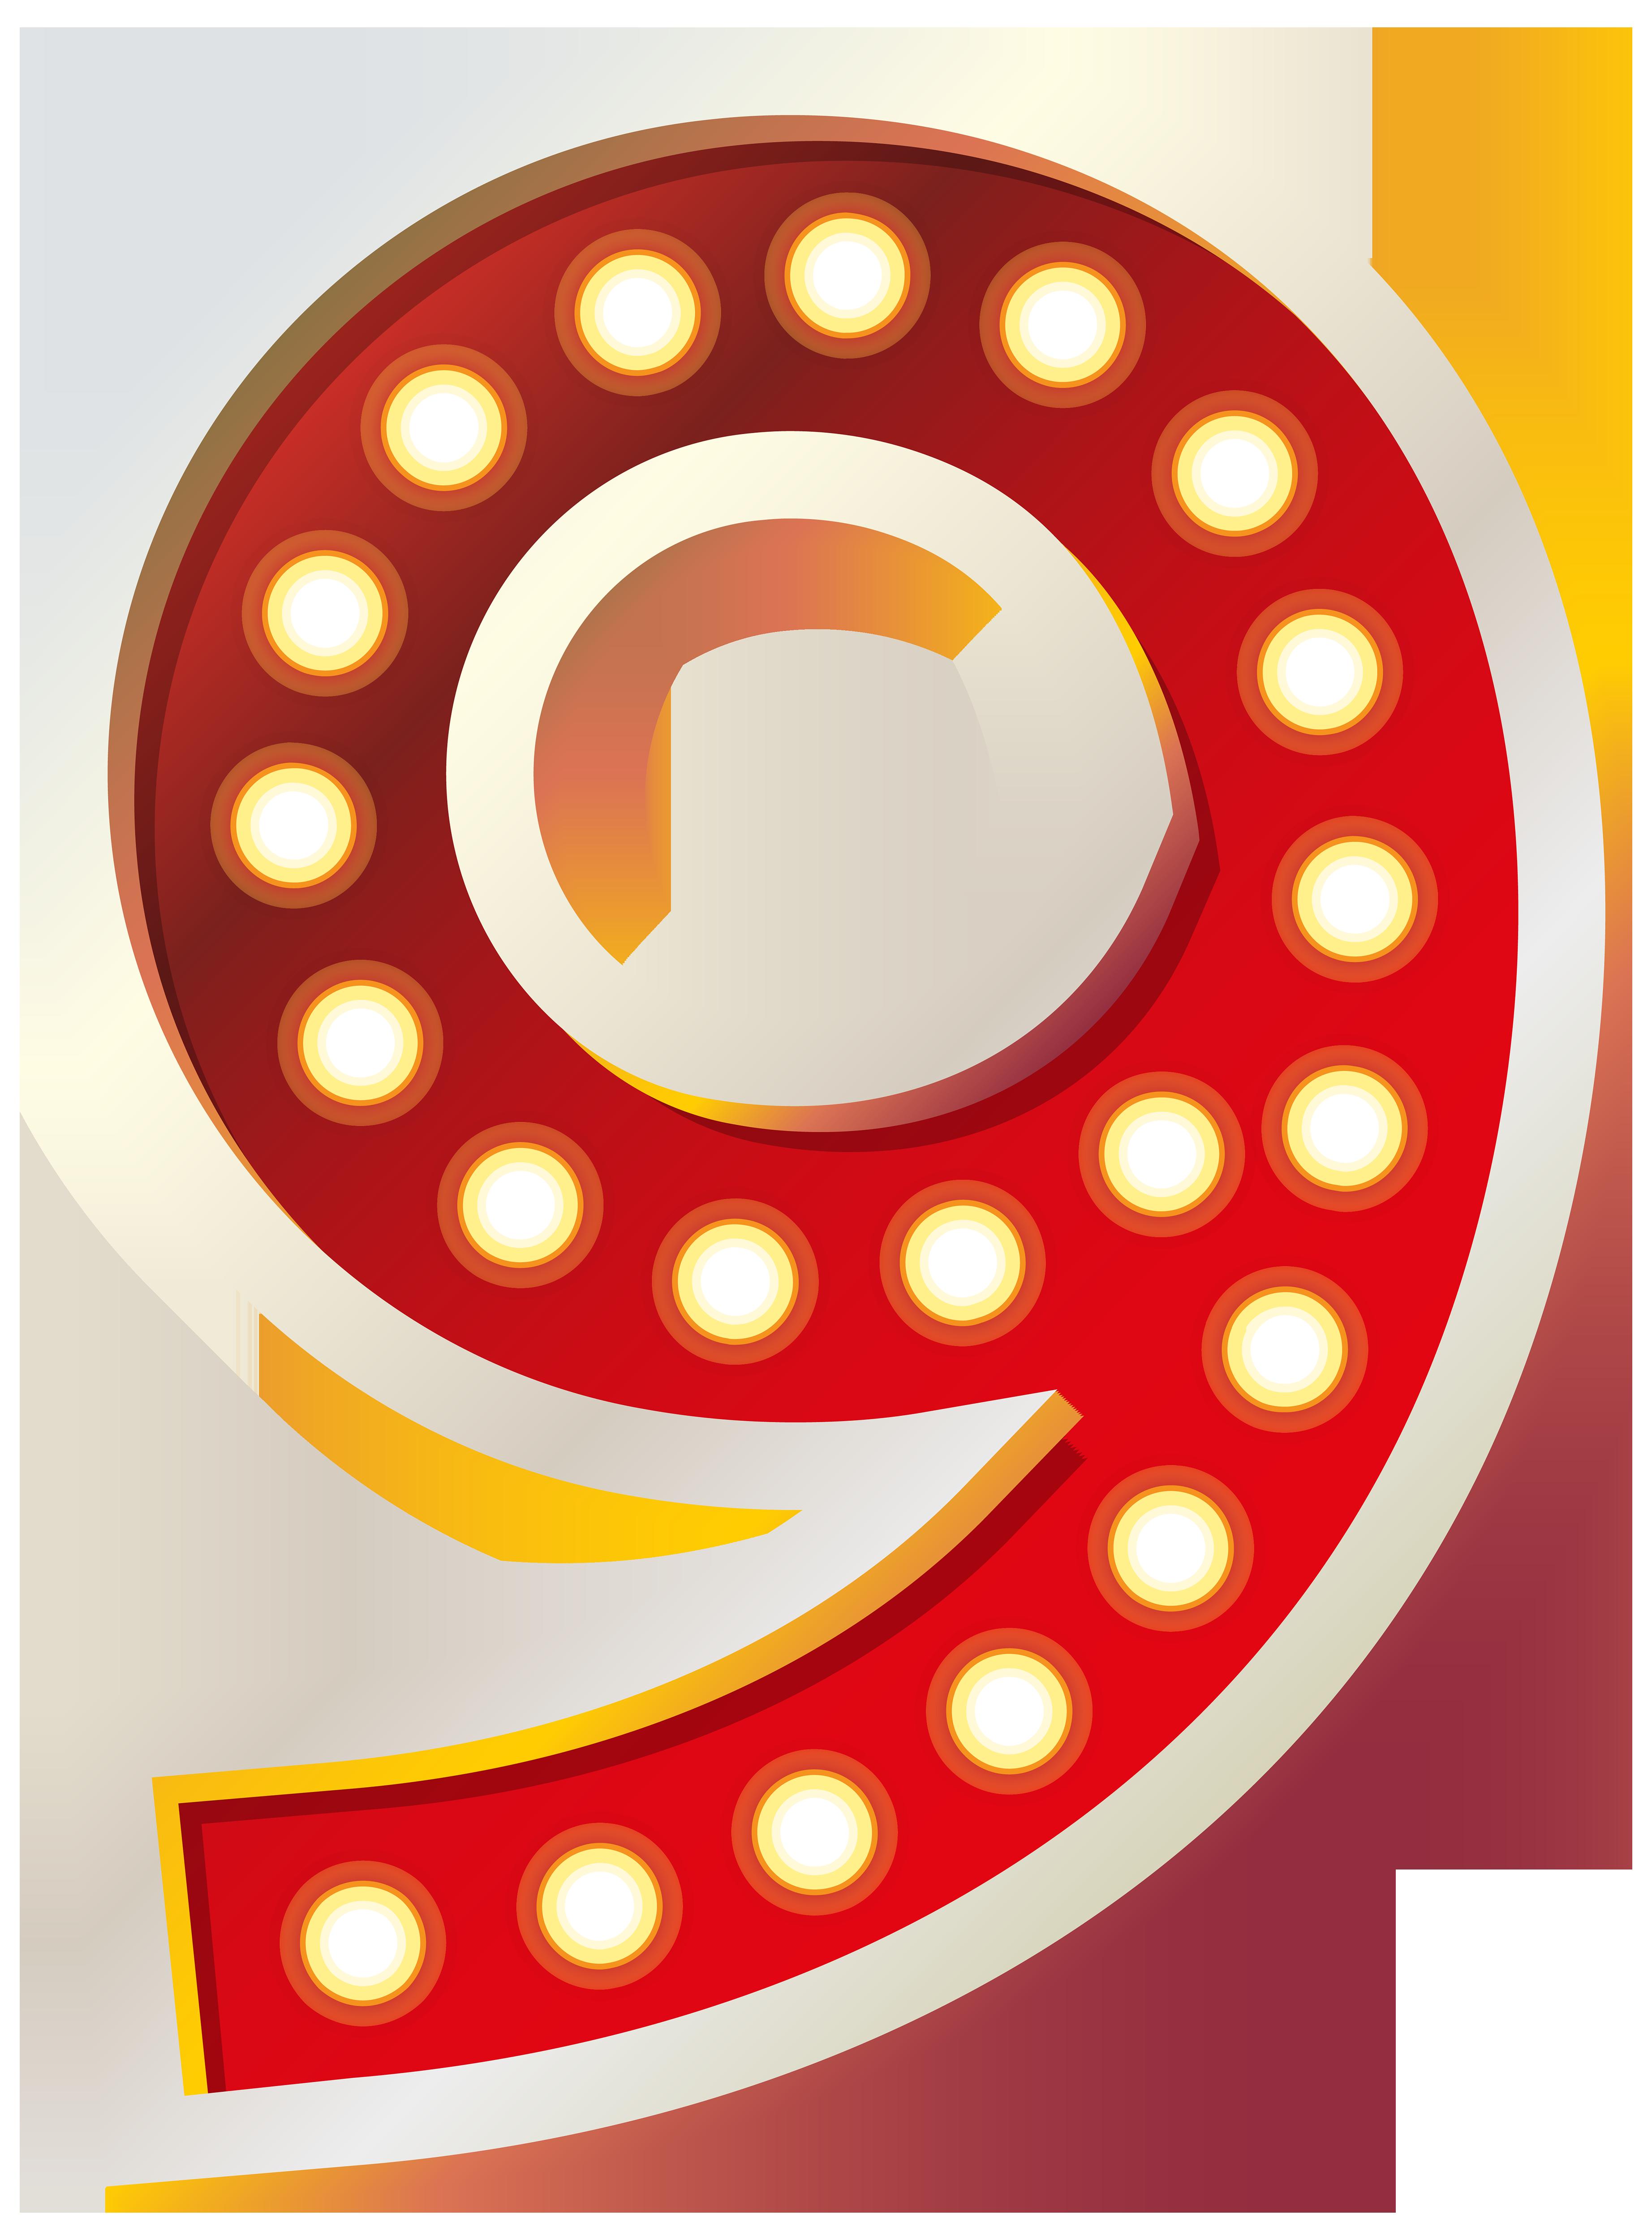 Number clipart nine  Number Lights size Clip